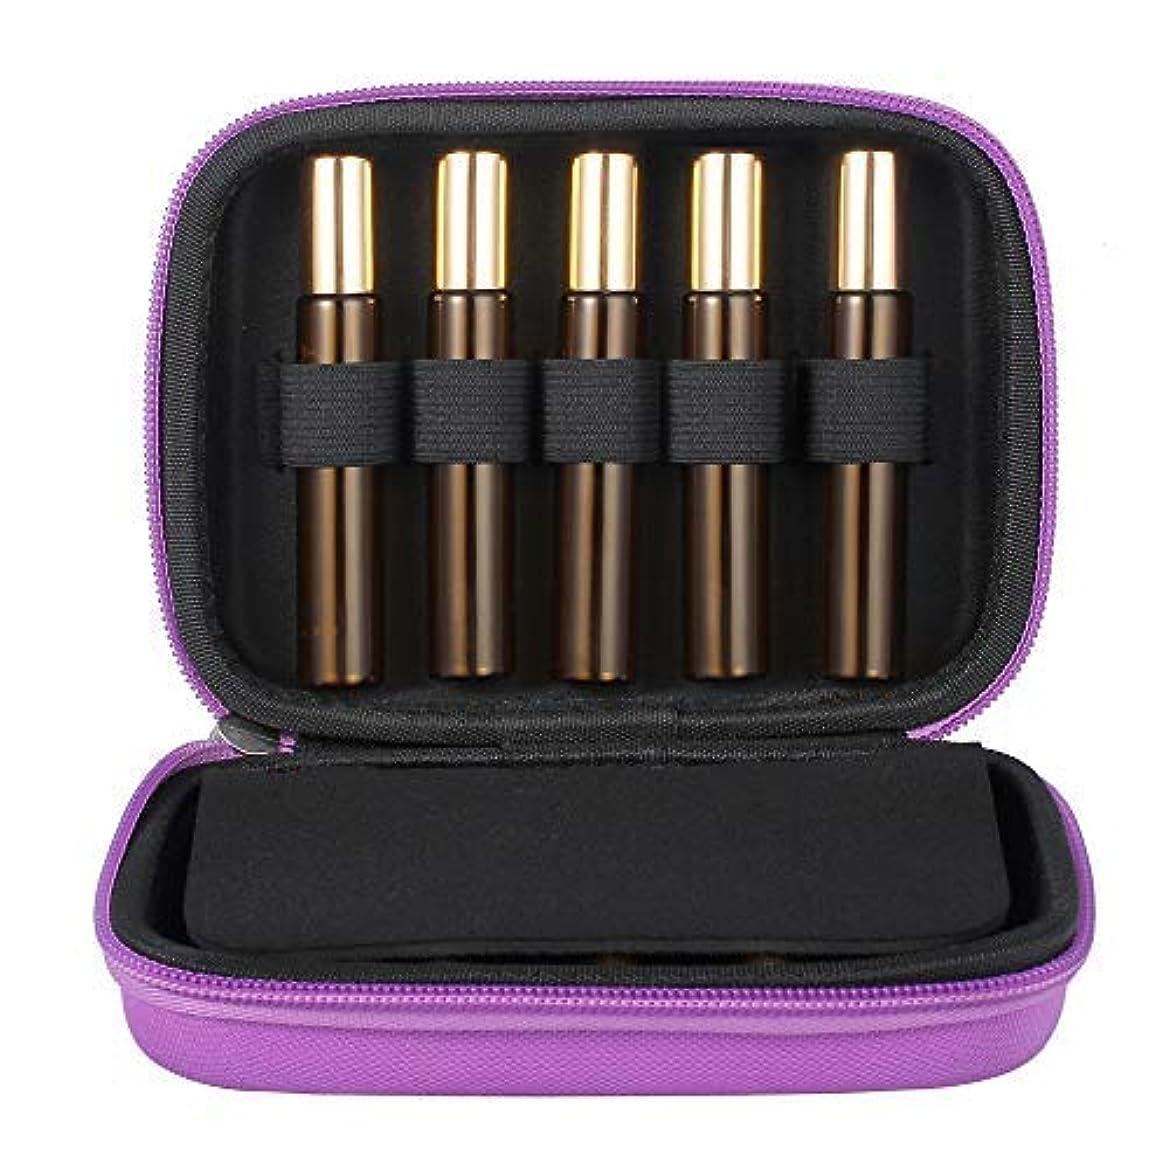 メタルライン声を出して十分ですTanice Essential Oil Case with 10pcs 10ml Roller Bottles Hard Shell Exterior EVA Essential Oils Storage Organzier...